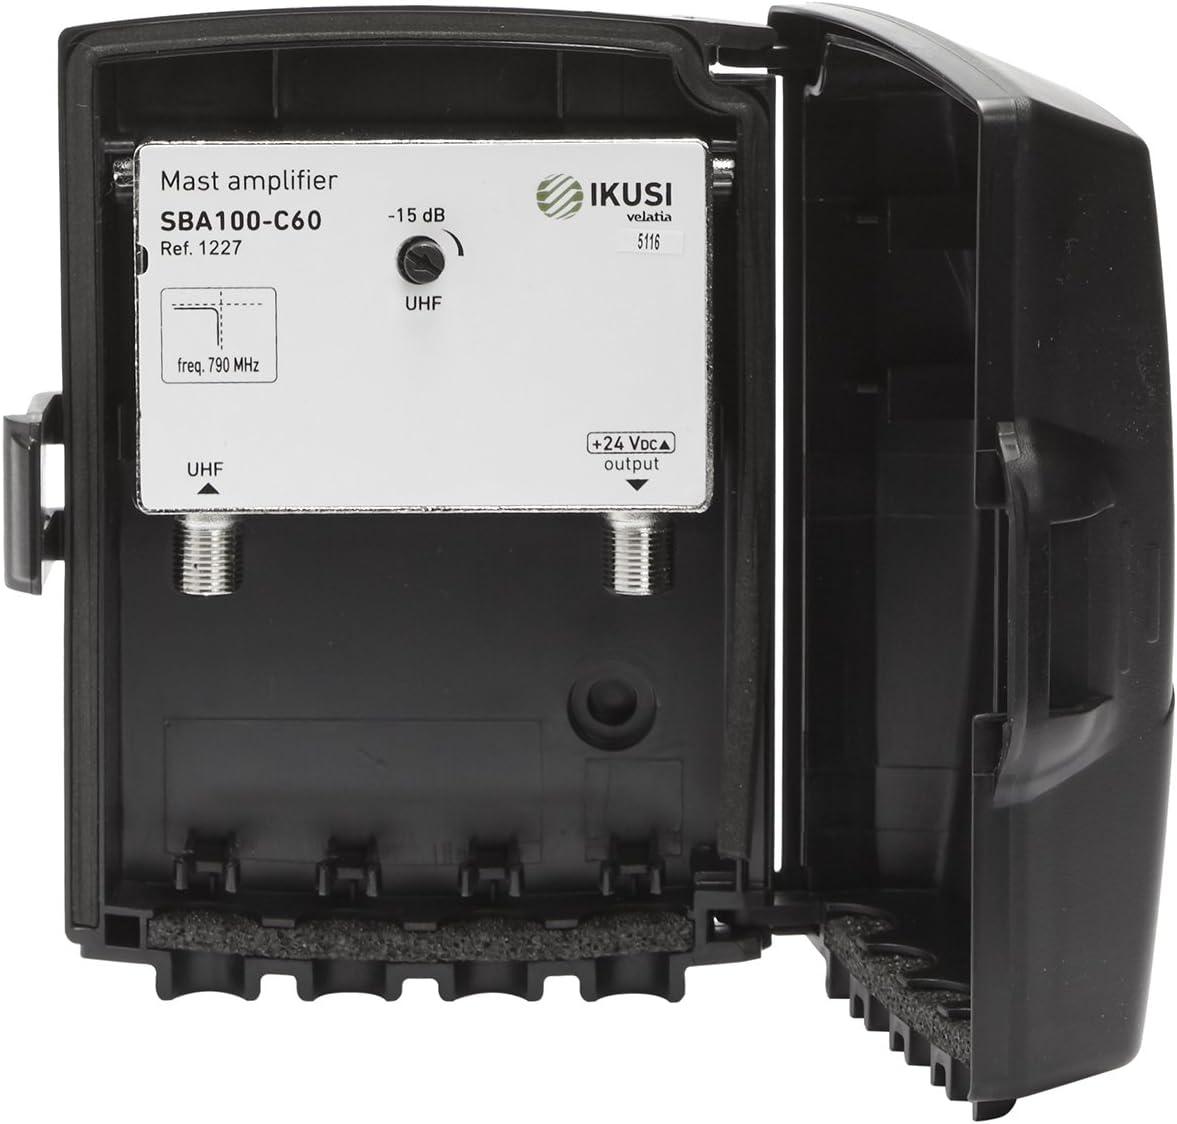 Amplificador de mástil para antena IKUSI SBA100-C60: Amazon ...